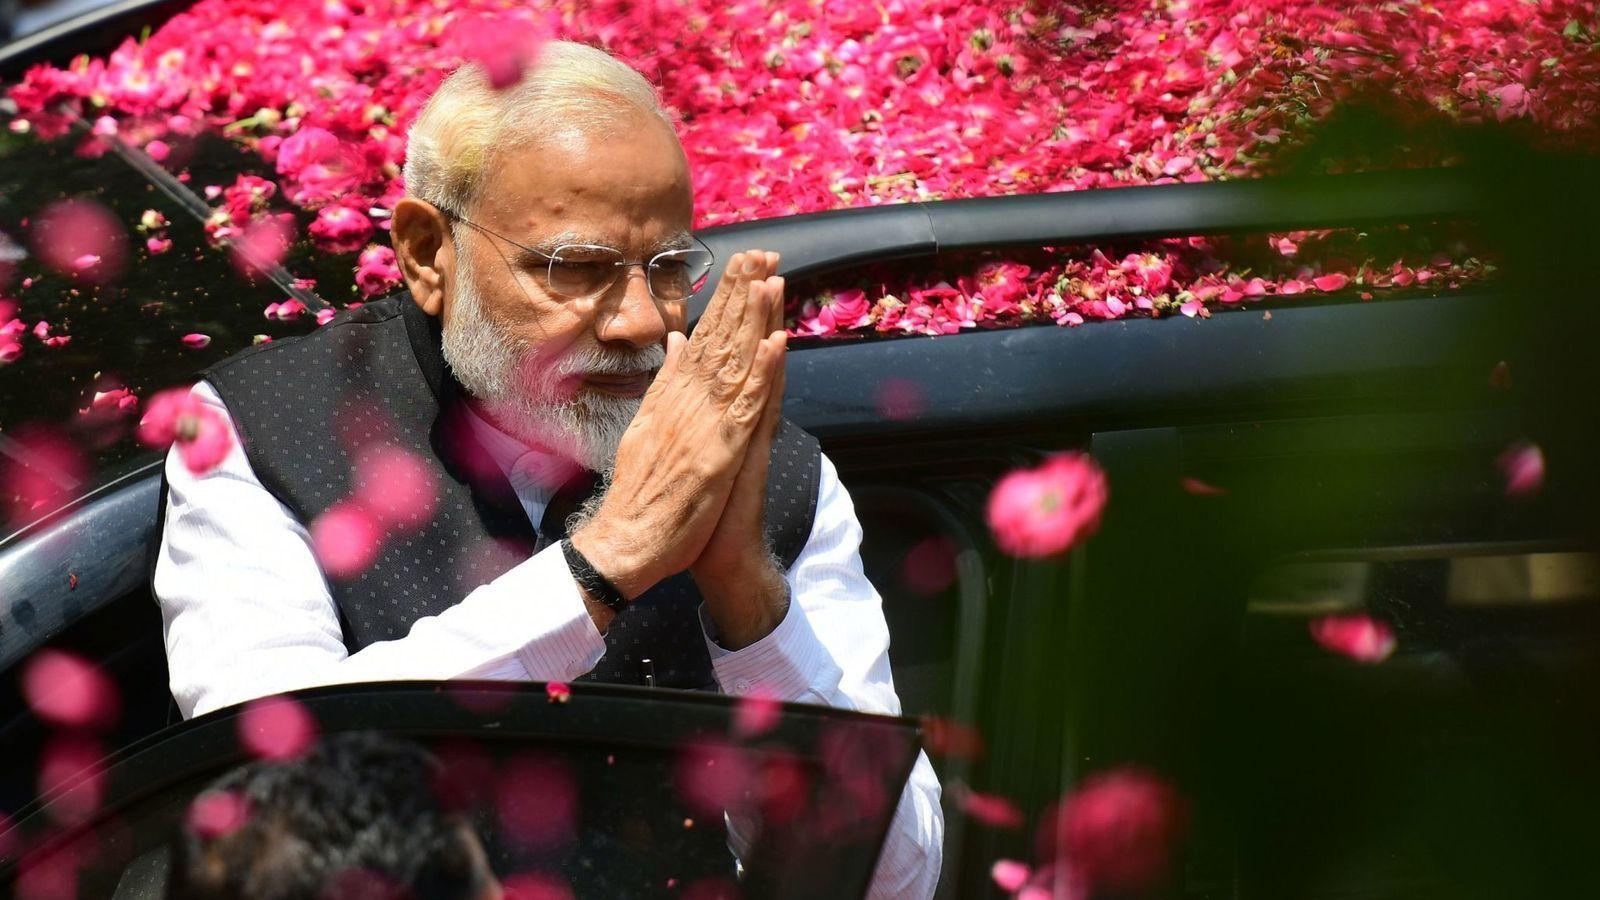 BJP ने चला मास्टरस्ट्रोक, बंगाल हिंसा में मारे गए कार्यकर्ताओं के परिवार को पीएम के शपथ ग्रहण में न्योता